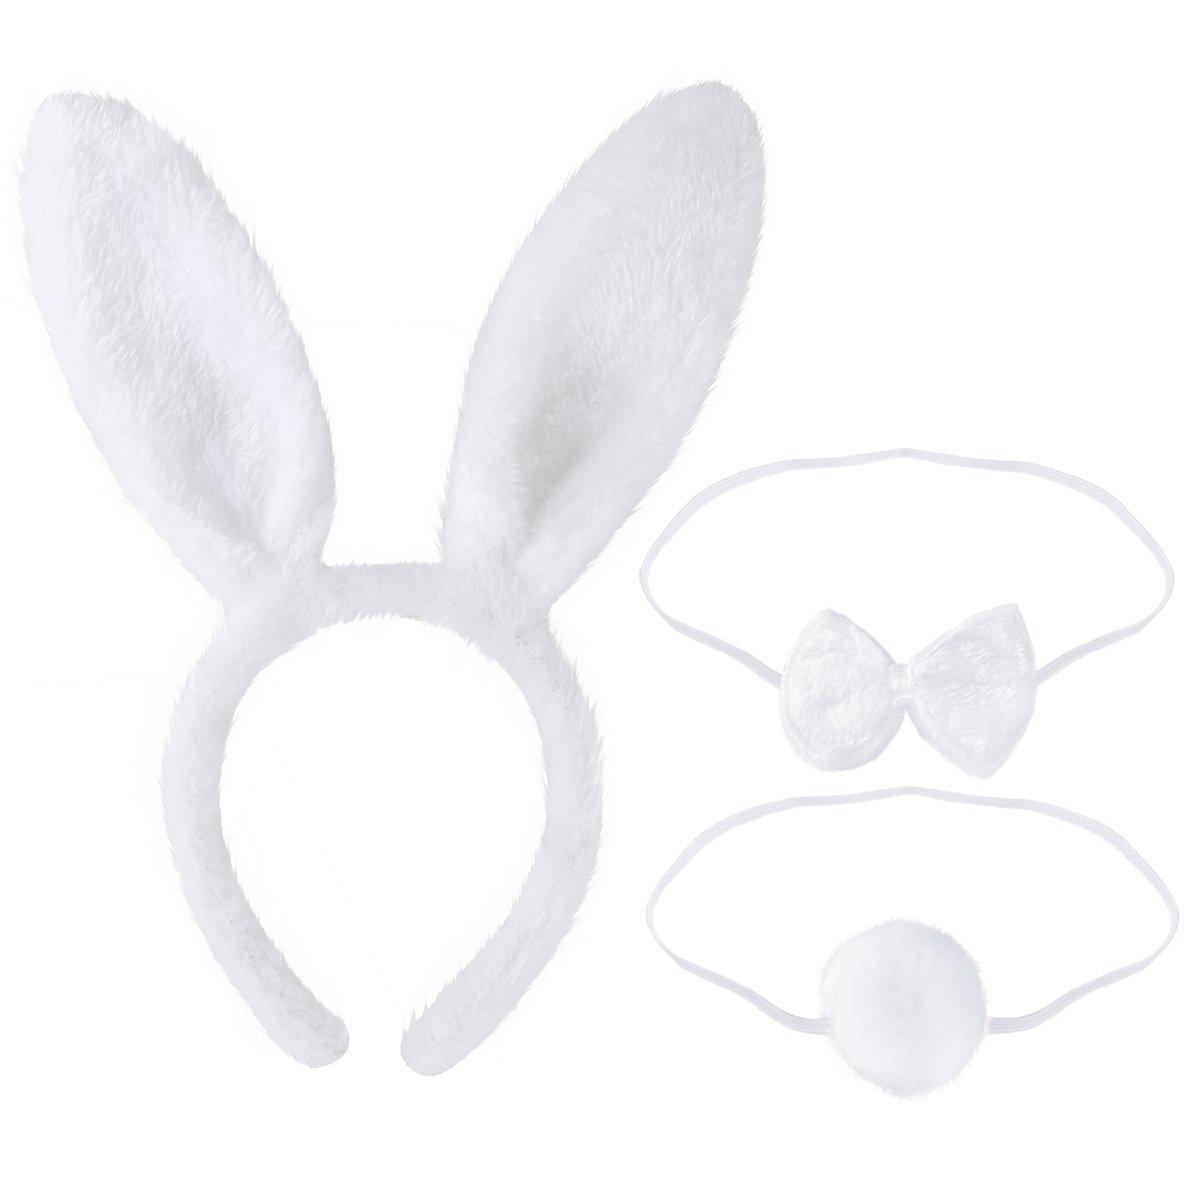 Tinksky Bunny Cosplay Set Coniglio Costume Accessorio Carino orecchie copricapo della coda Bow Tie per il partito Costume Cosplay, confezione da 3 (bianco)